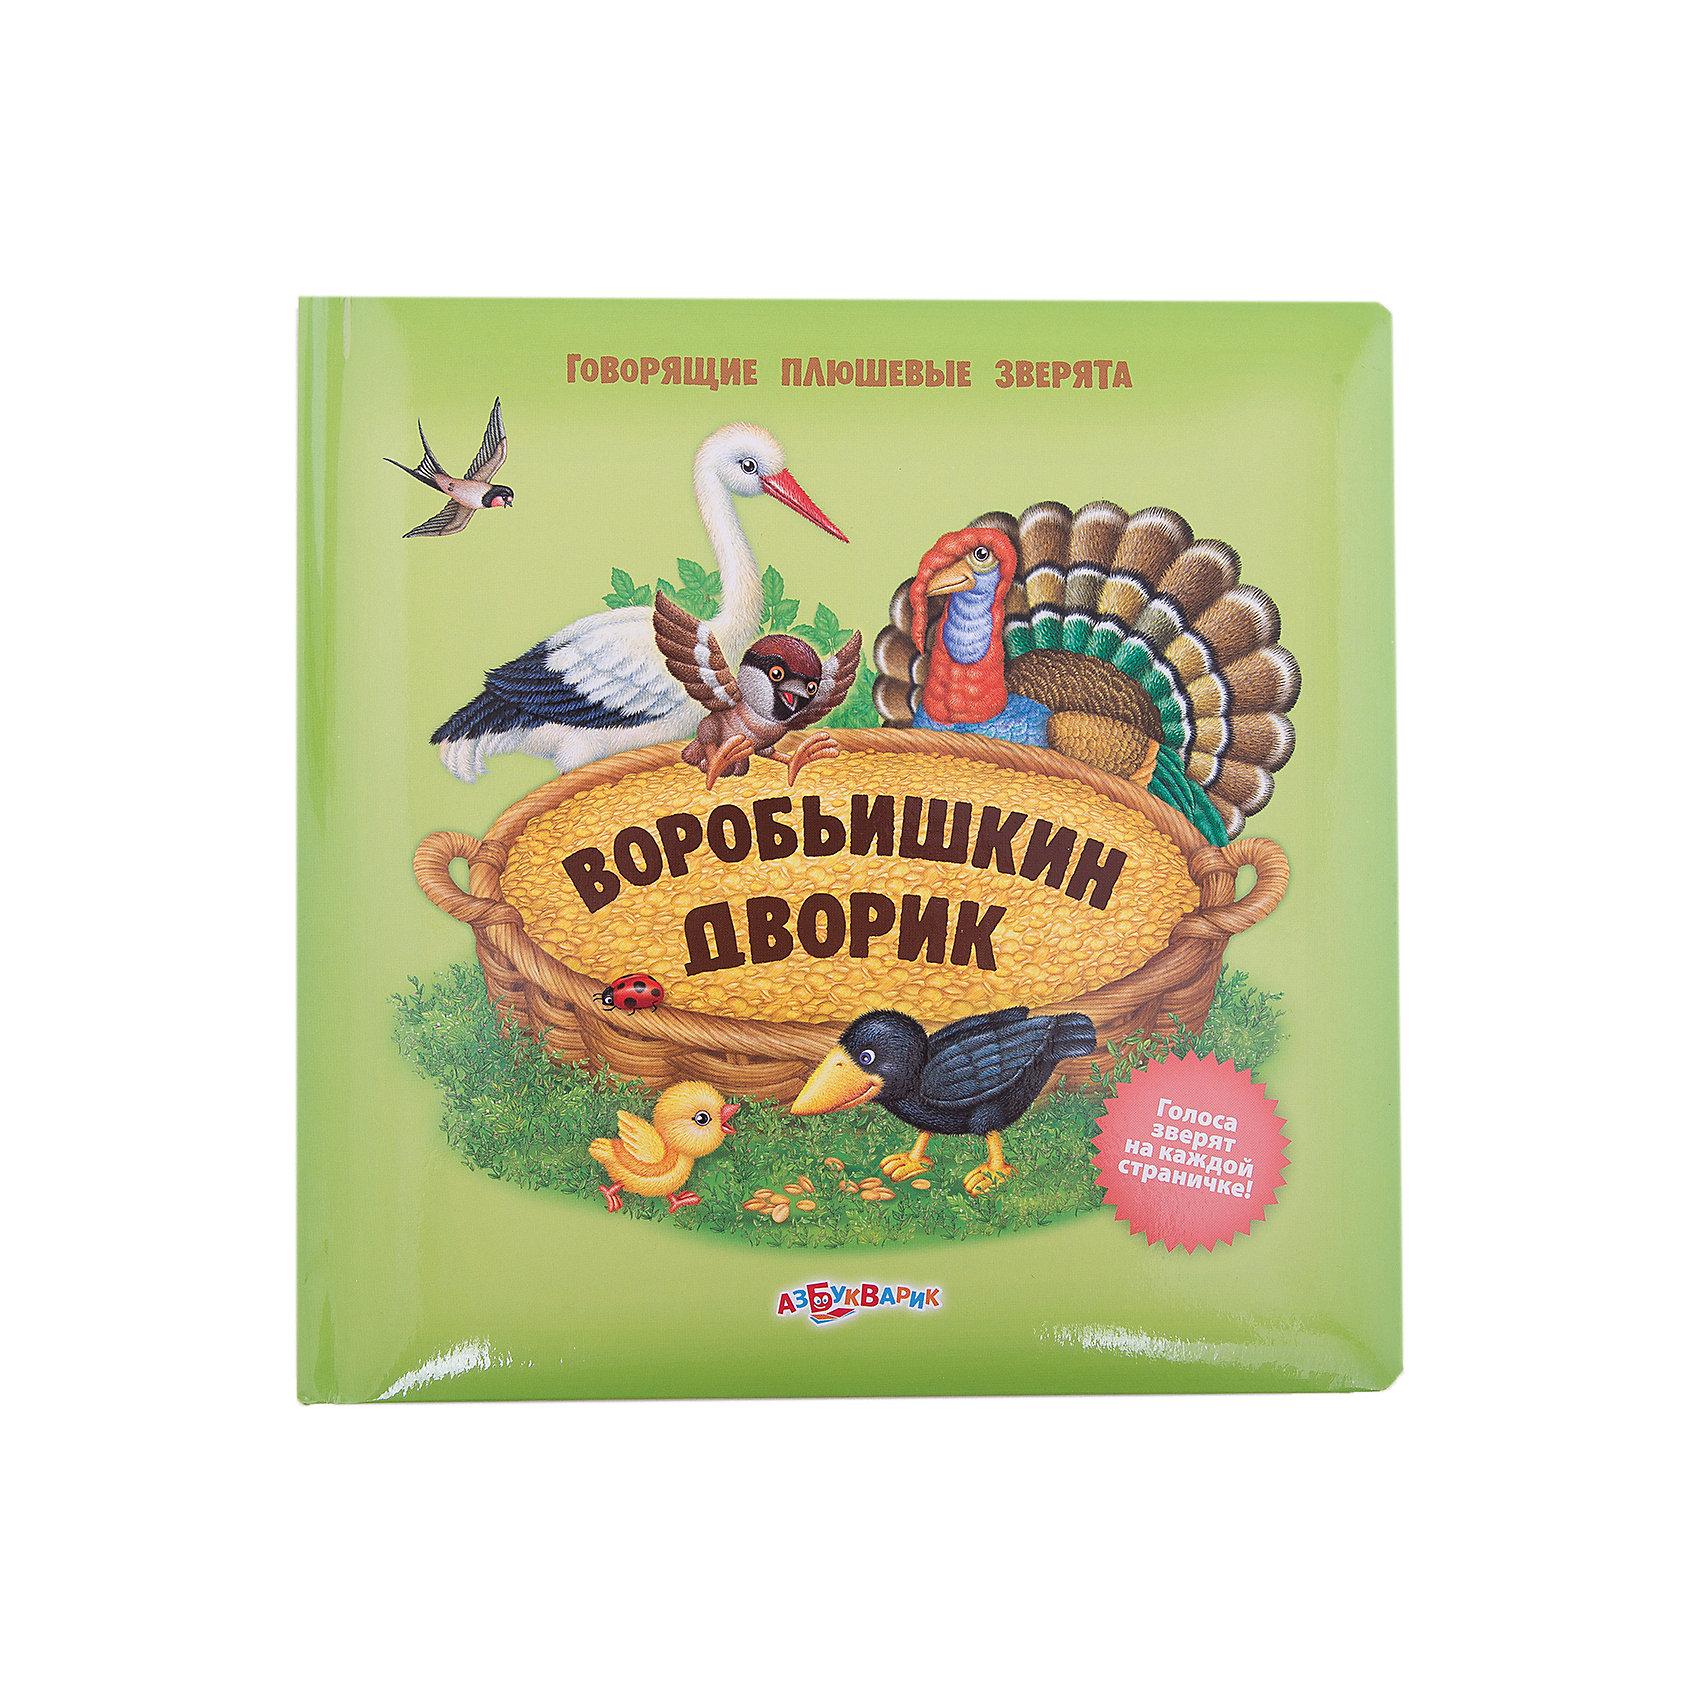 Книга со звуковым модулем Воробьишкин дворикМузыкальные книги<br>На волшебном дворике живут забавные плюшевые птички. Открой книгу - и ты услышишь их настоящие голоса! Листай странички, слушай живые звуки фермы и читай весёлые стишки!<br><br>Дополнительная информация:<br><br>Формат: 22,5 х 22,5 см.<br>Количество страниц: 10.<br>Материал: плотный картон.<br><br>Ширина мм: 226<br>Глубина мм: 226<br>Высота мм: 24<br>Вес г: 250<br>Возраст от месяцев: 24<br>Возраст до месяцев: 48<br>Пол: Унисекс<br>Возраст: Детский<br>SKU: 2348409